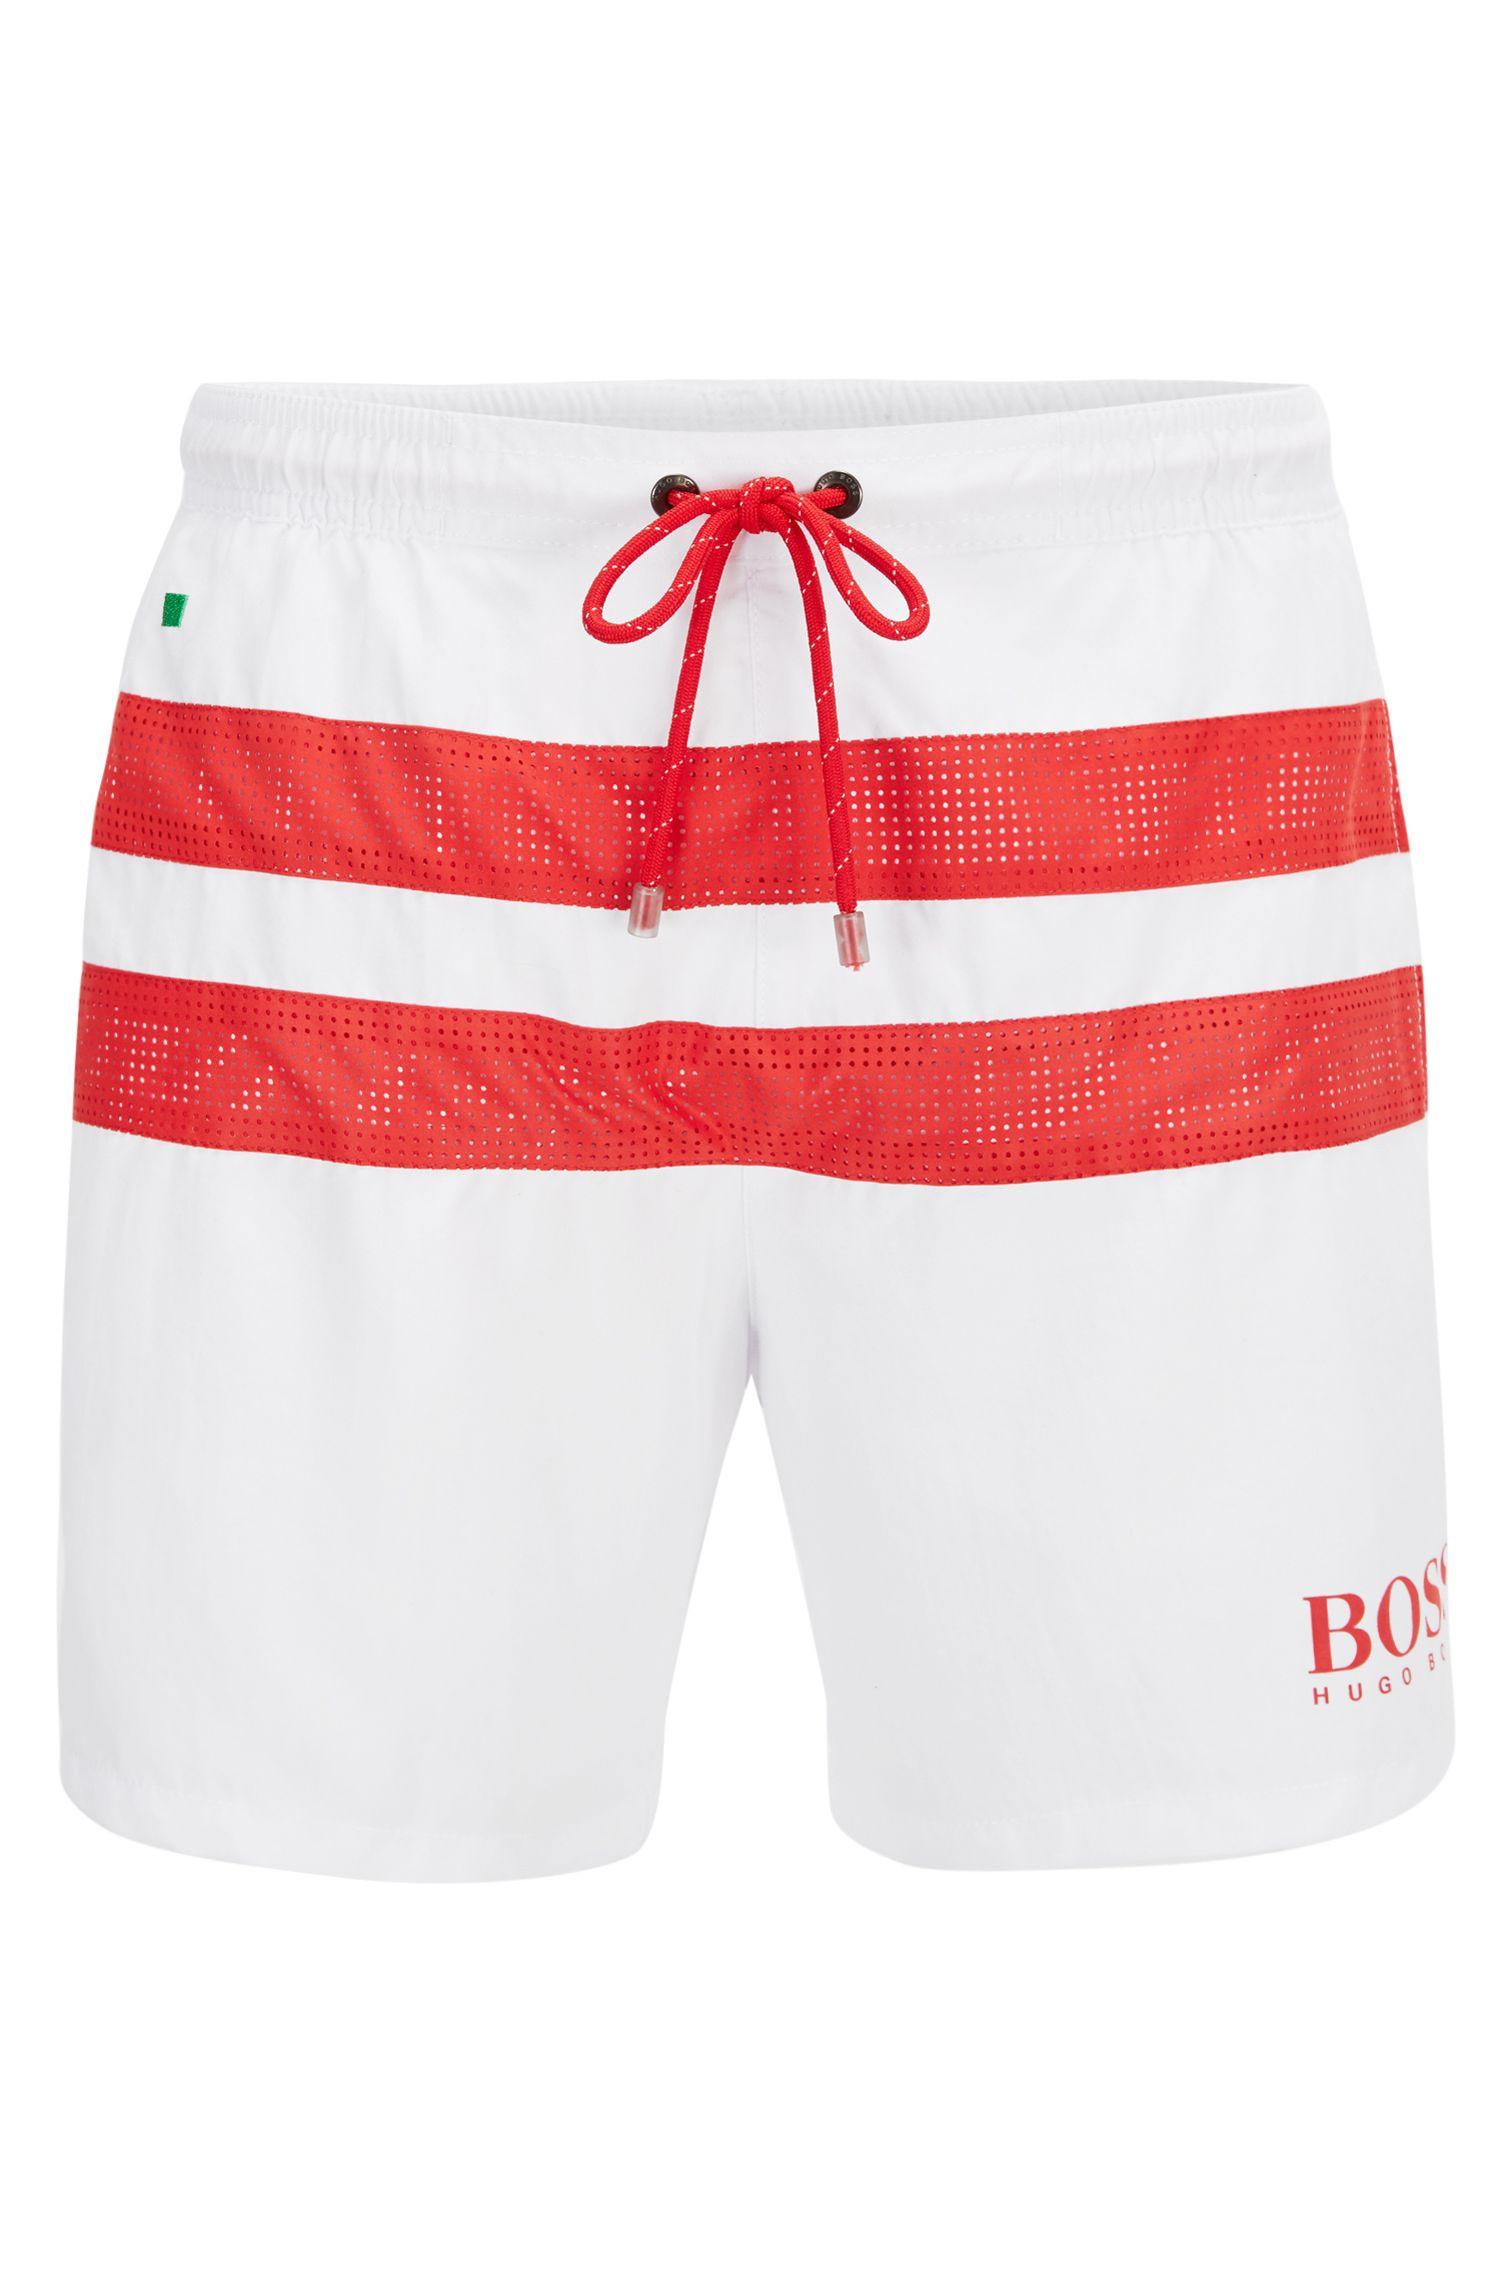 Boxer da bagno leggeri con dettaglio con bandiera